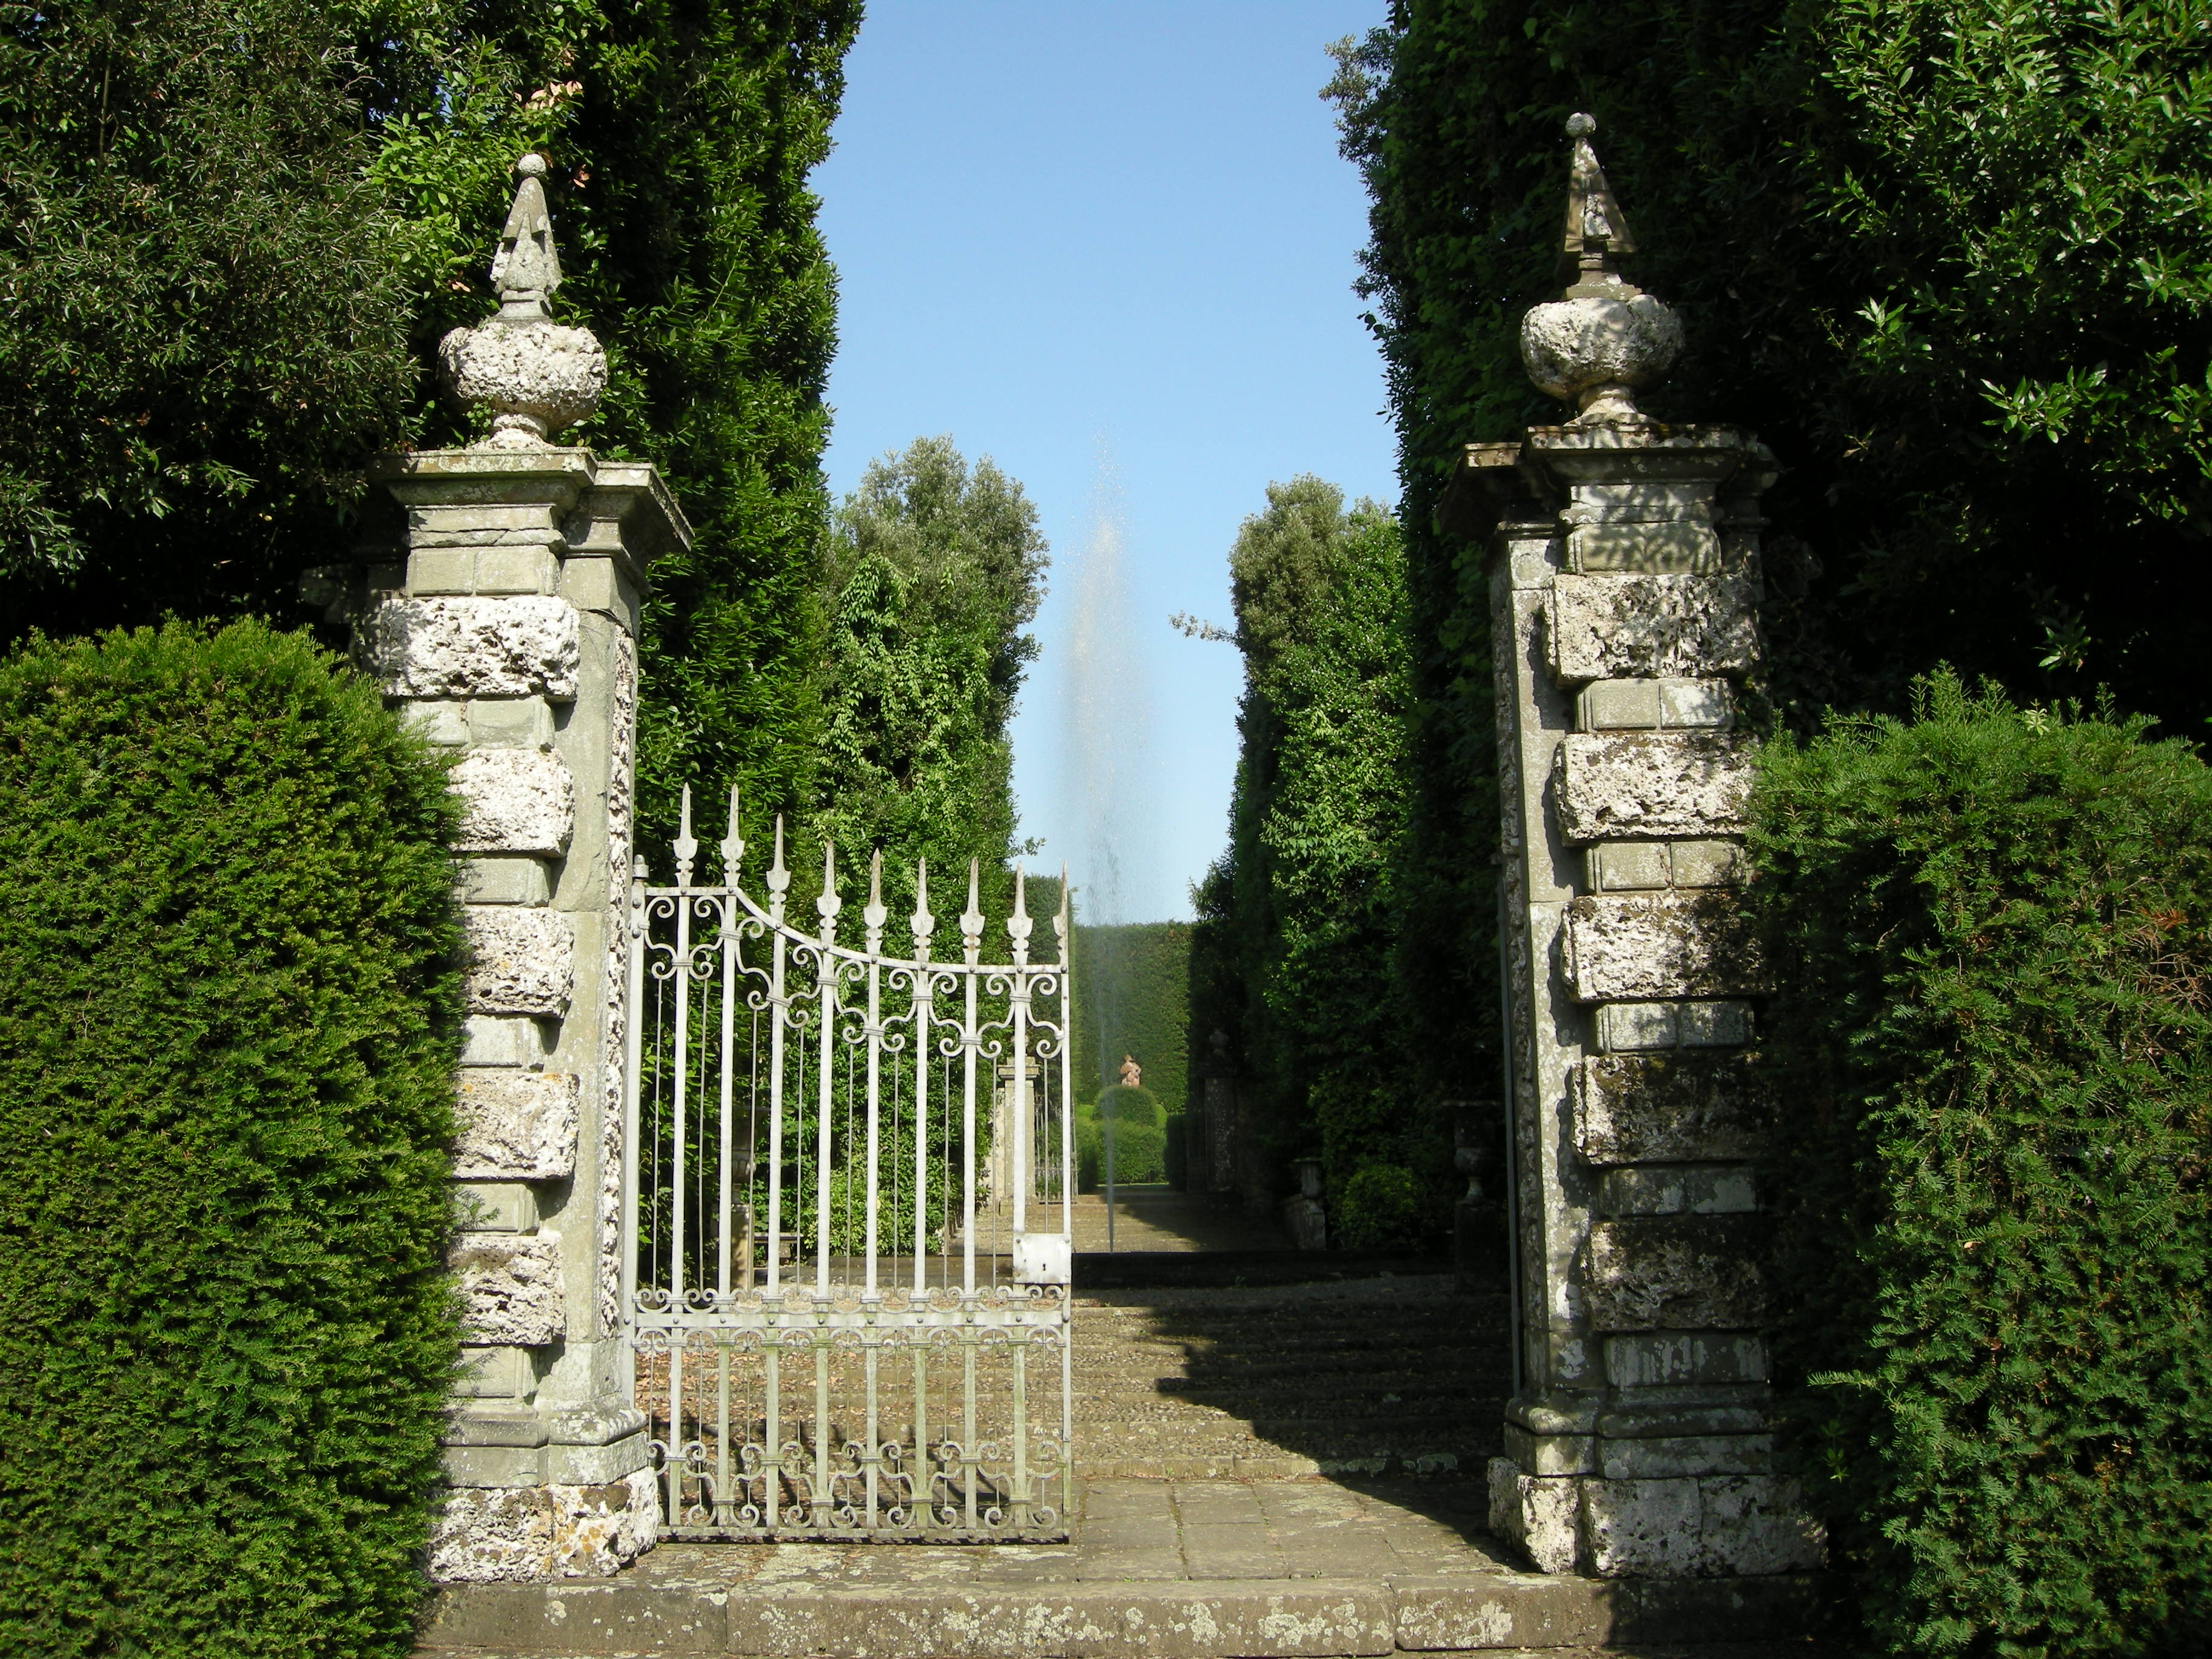 Cancello Villa Reale